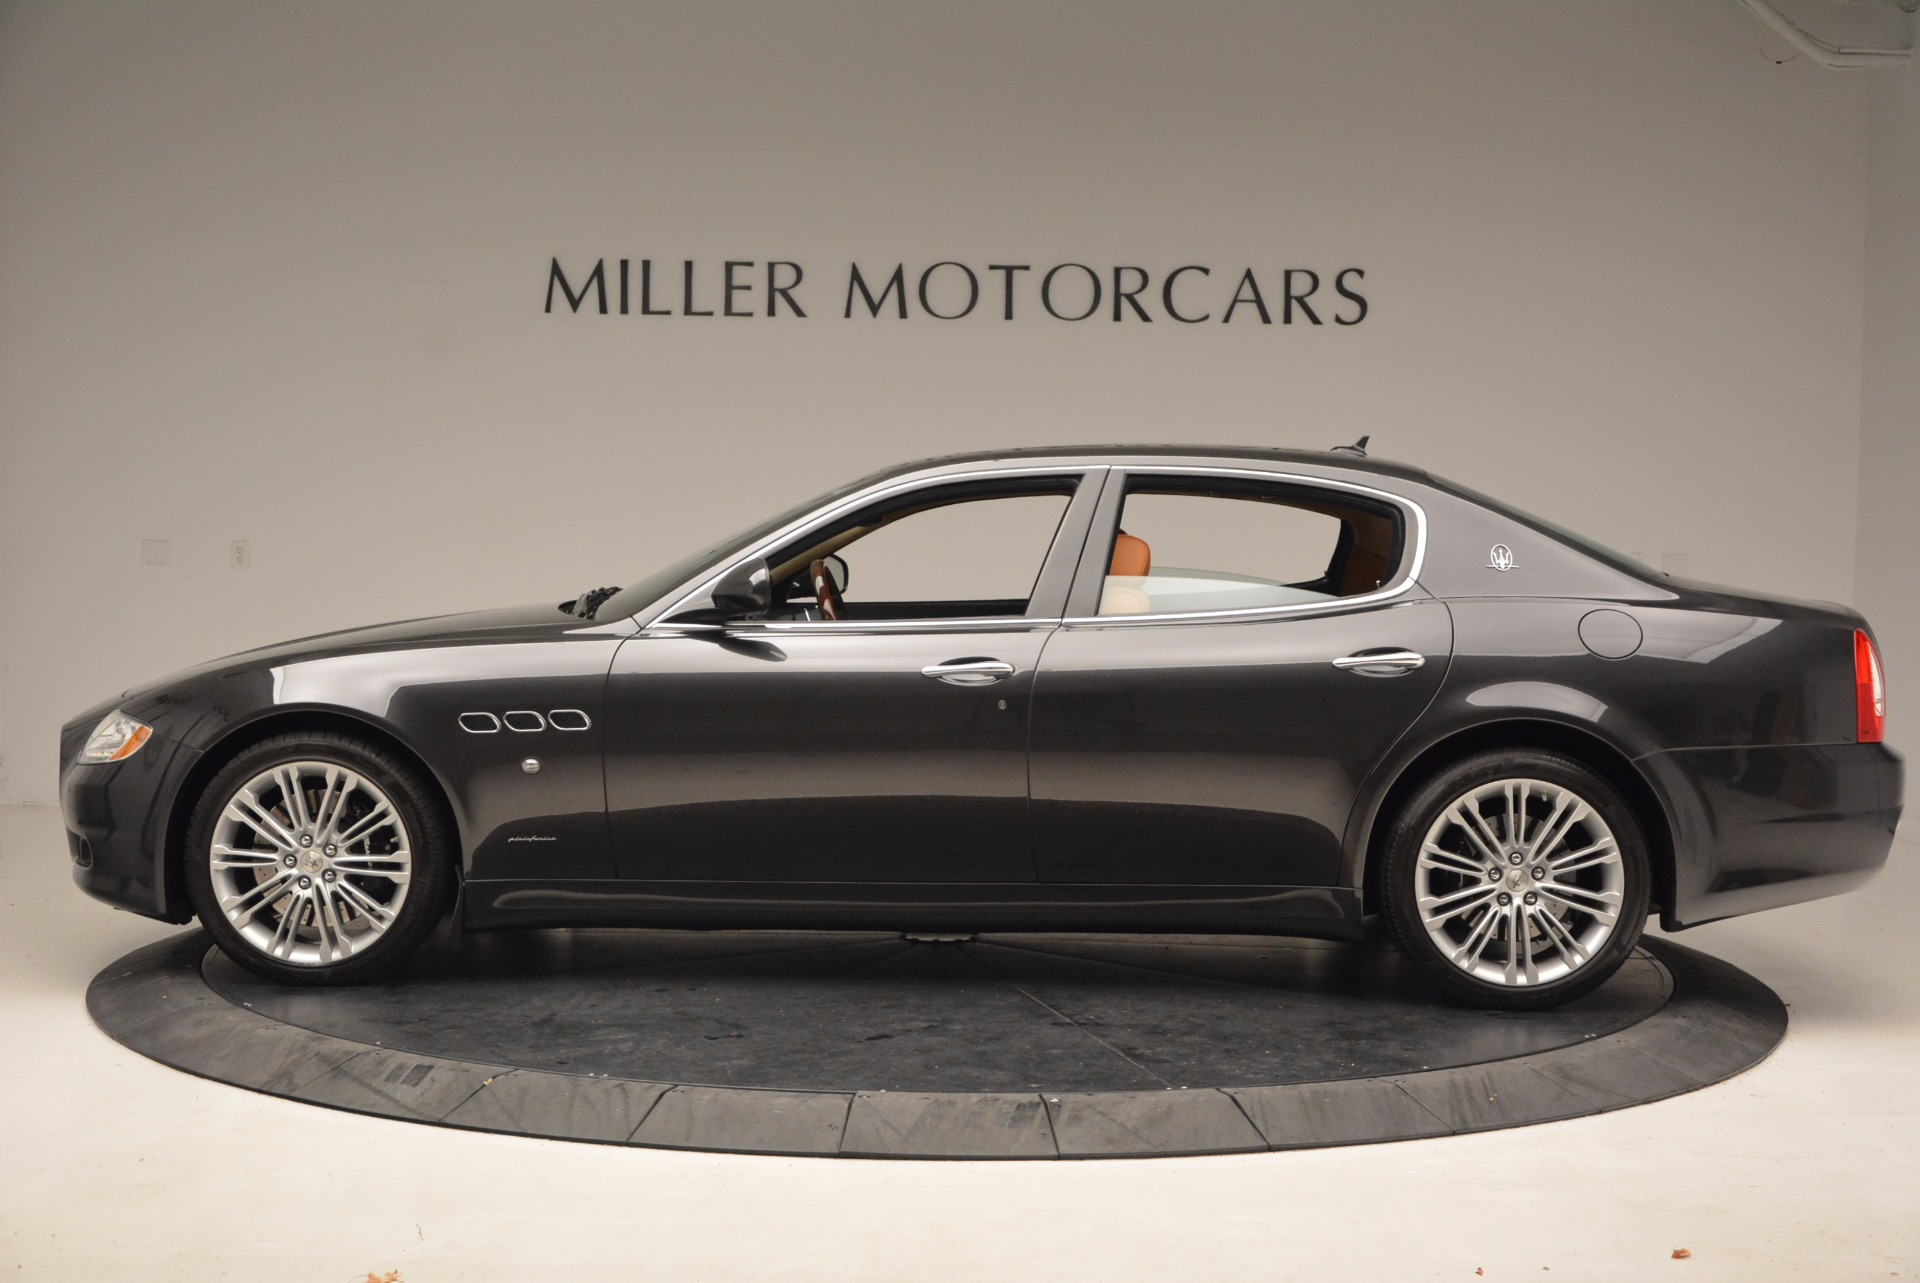 Used 2010 Maserati Quattroporte S For Sale In Greenwich, CT. Alfa Romeo of Greenwich, 7279 1551_p15